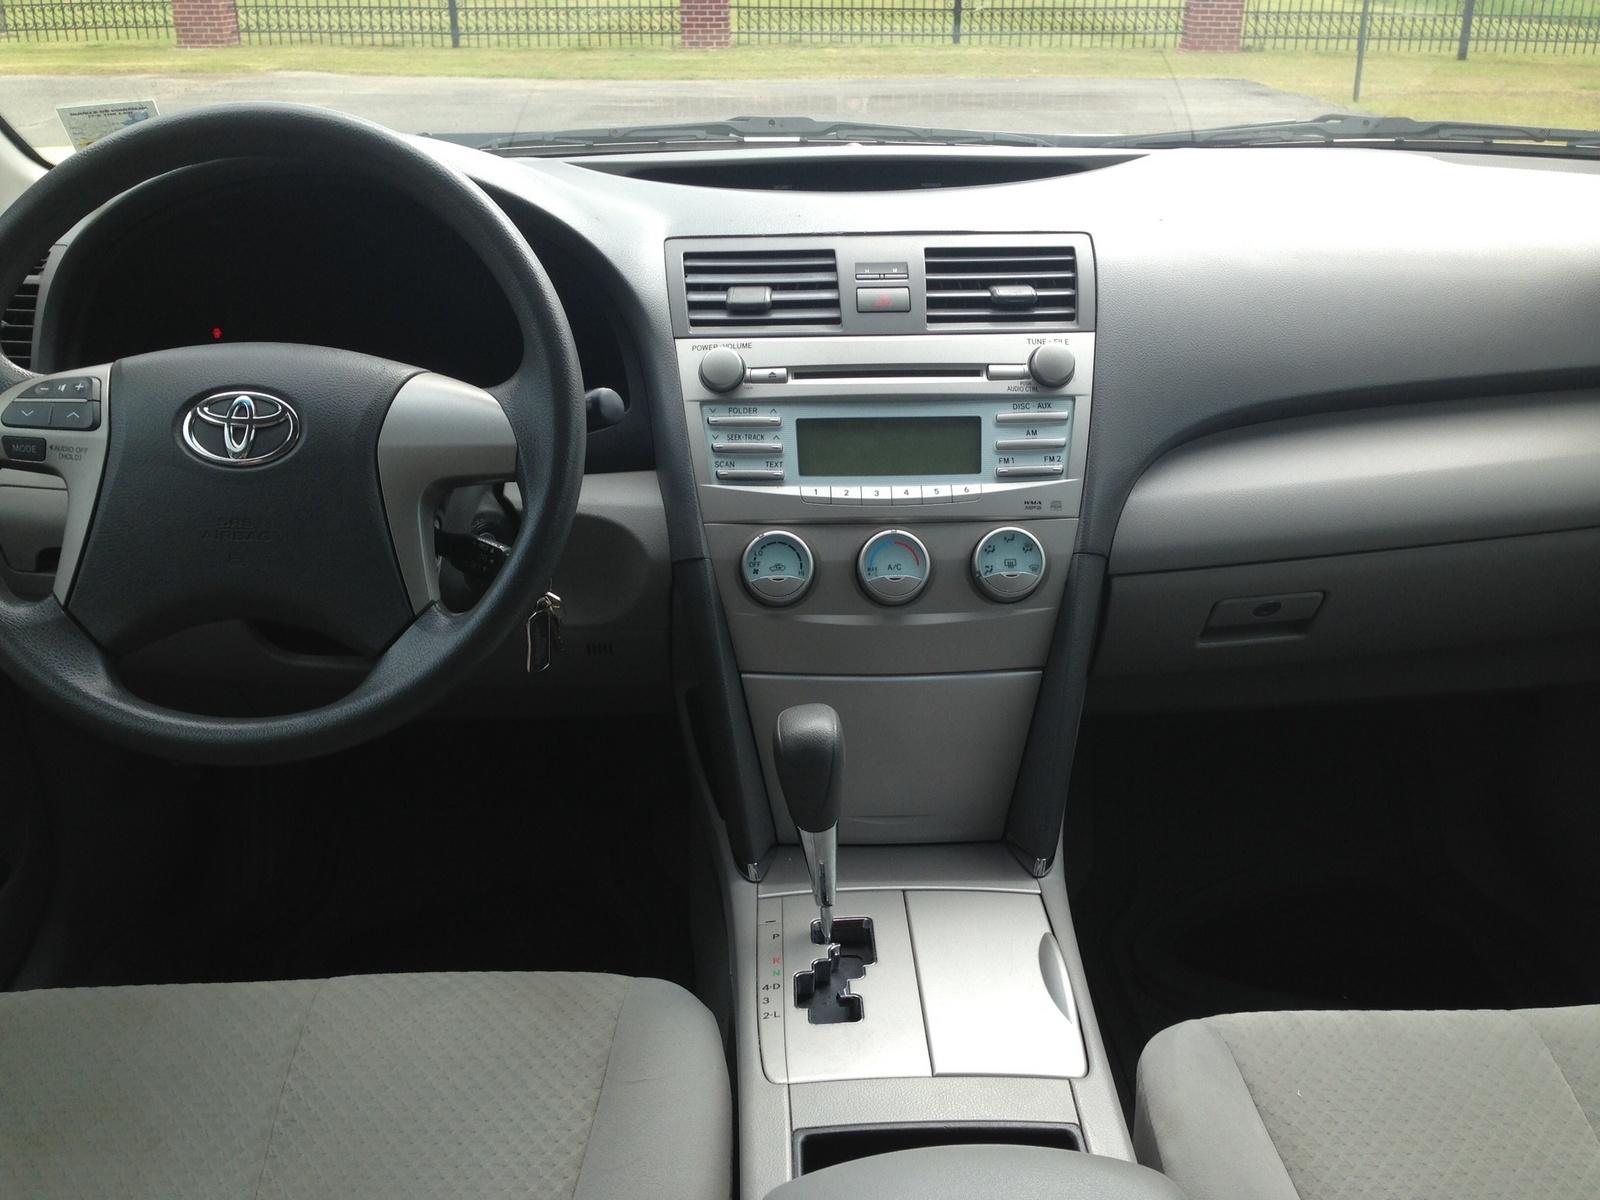 2007 toyota camry interior pictures cargurus